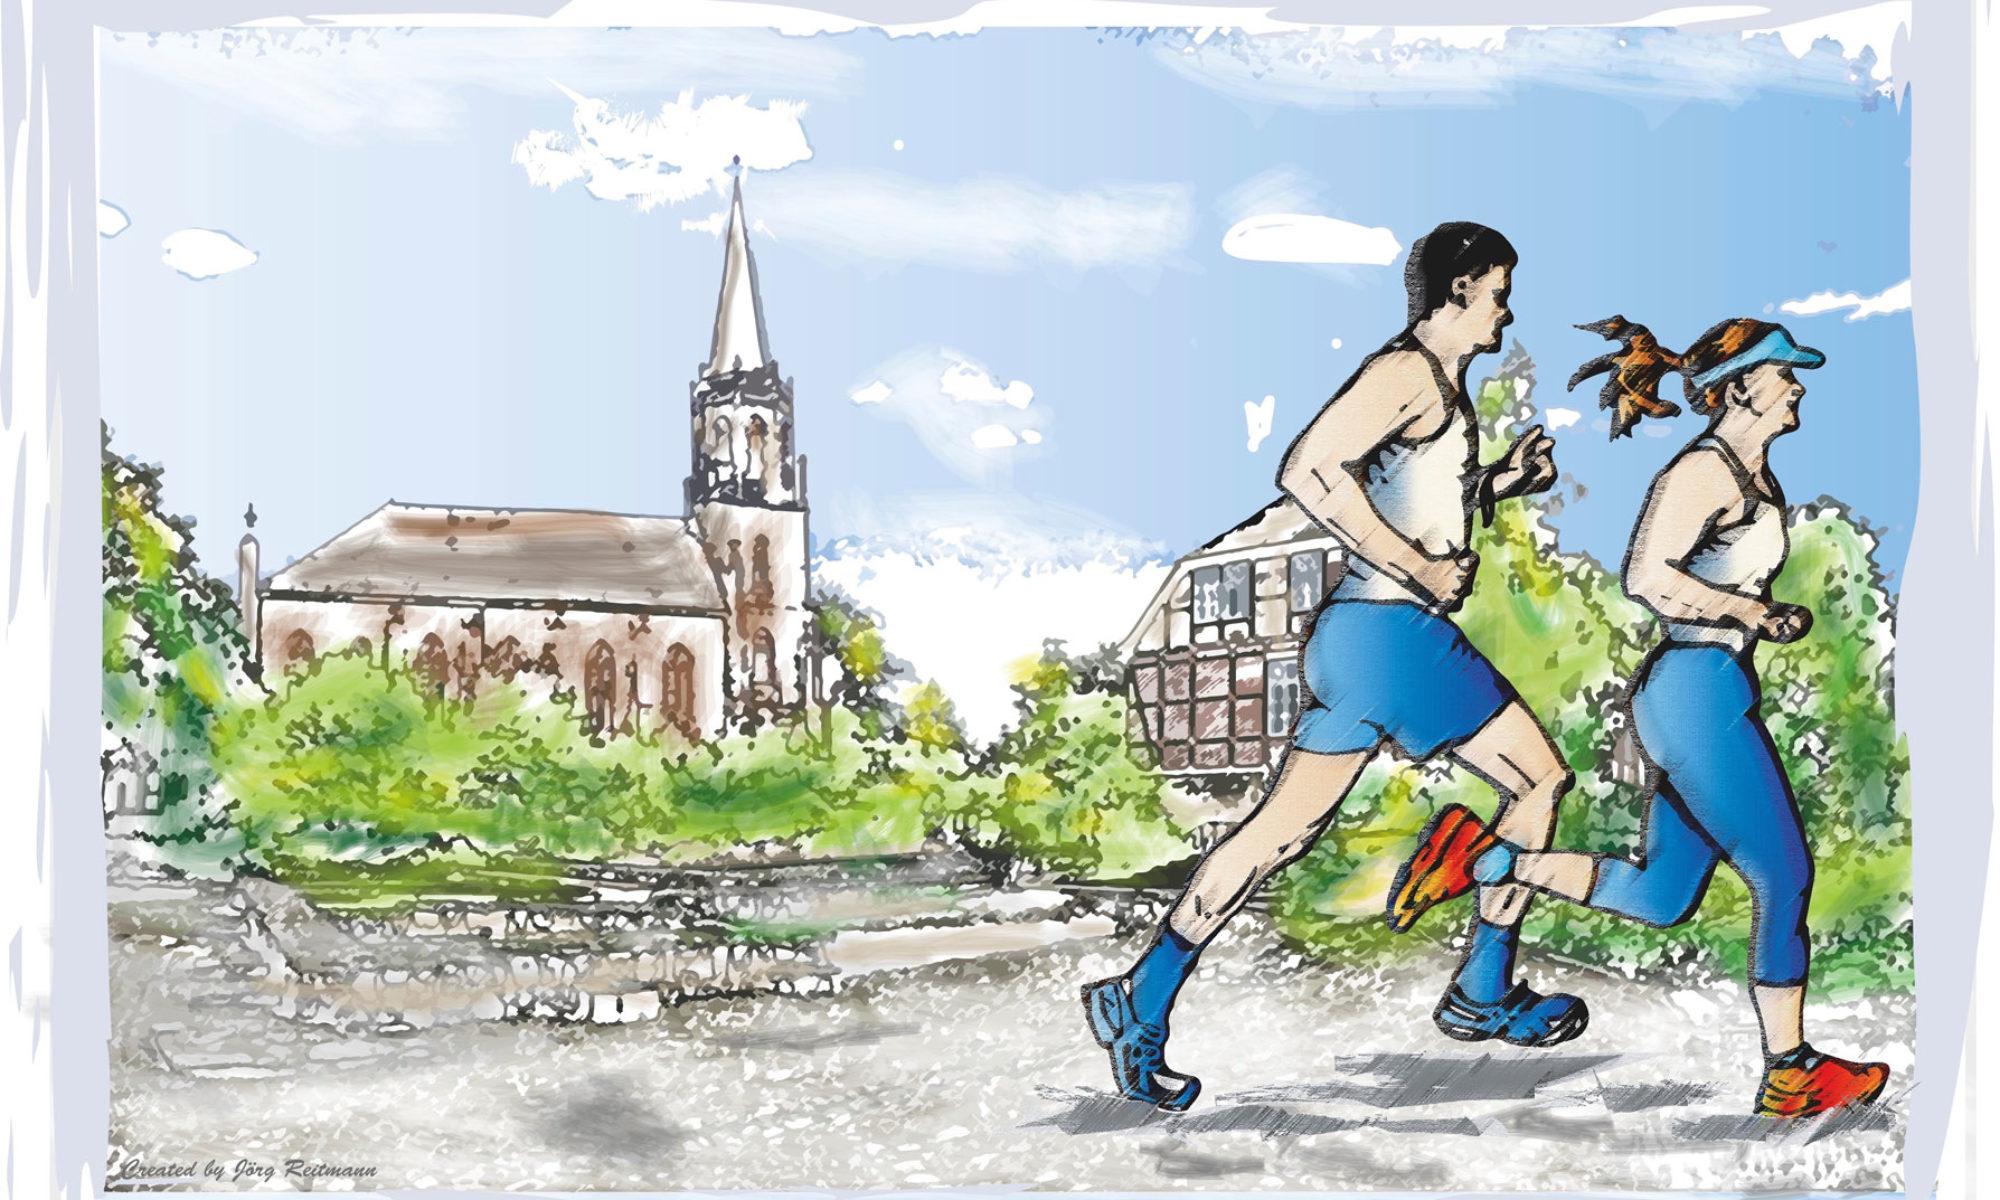 4. 6-Stundenlauf im Klosterpark Harsefeld am 23.11.2019